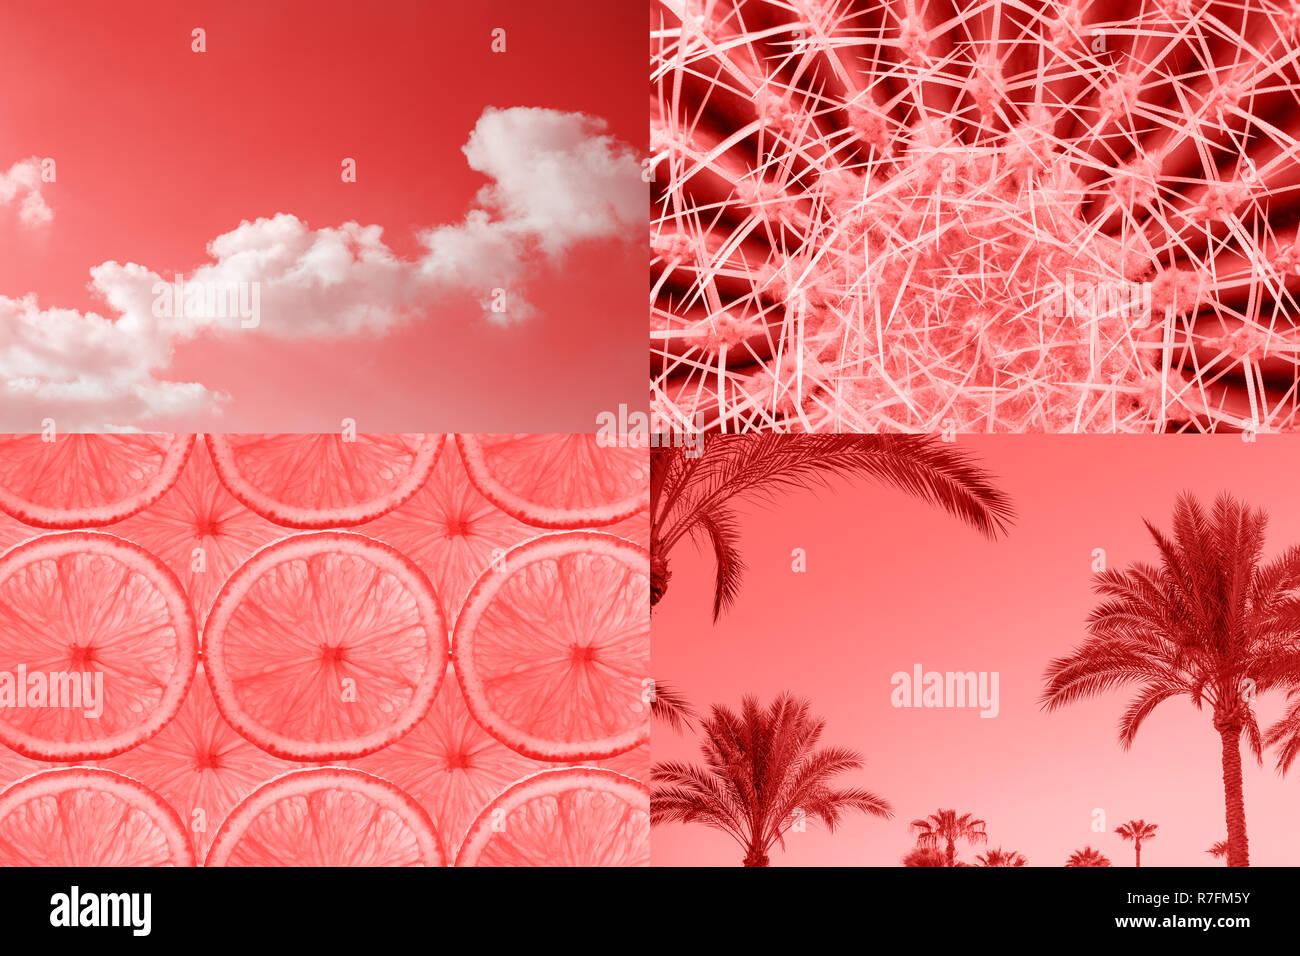 Ccreative Tropical inspiré par collage couleur corail vivant de l'année 2019. L'humeur de l'été, la mode minimal. Photo Stock